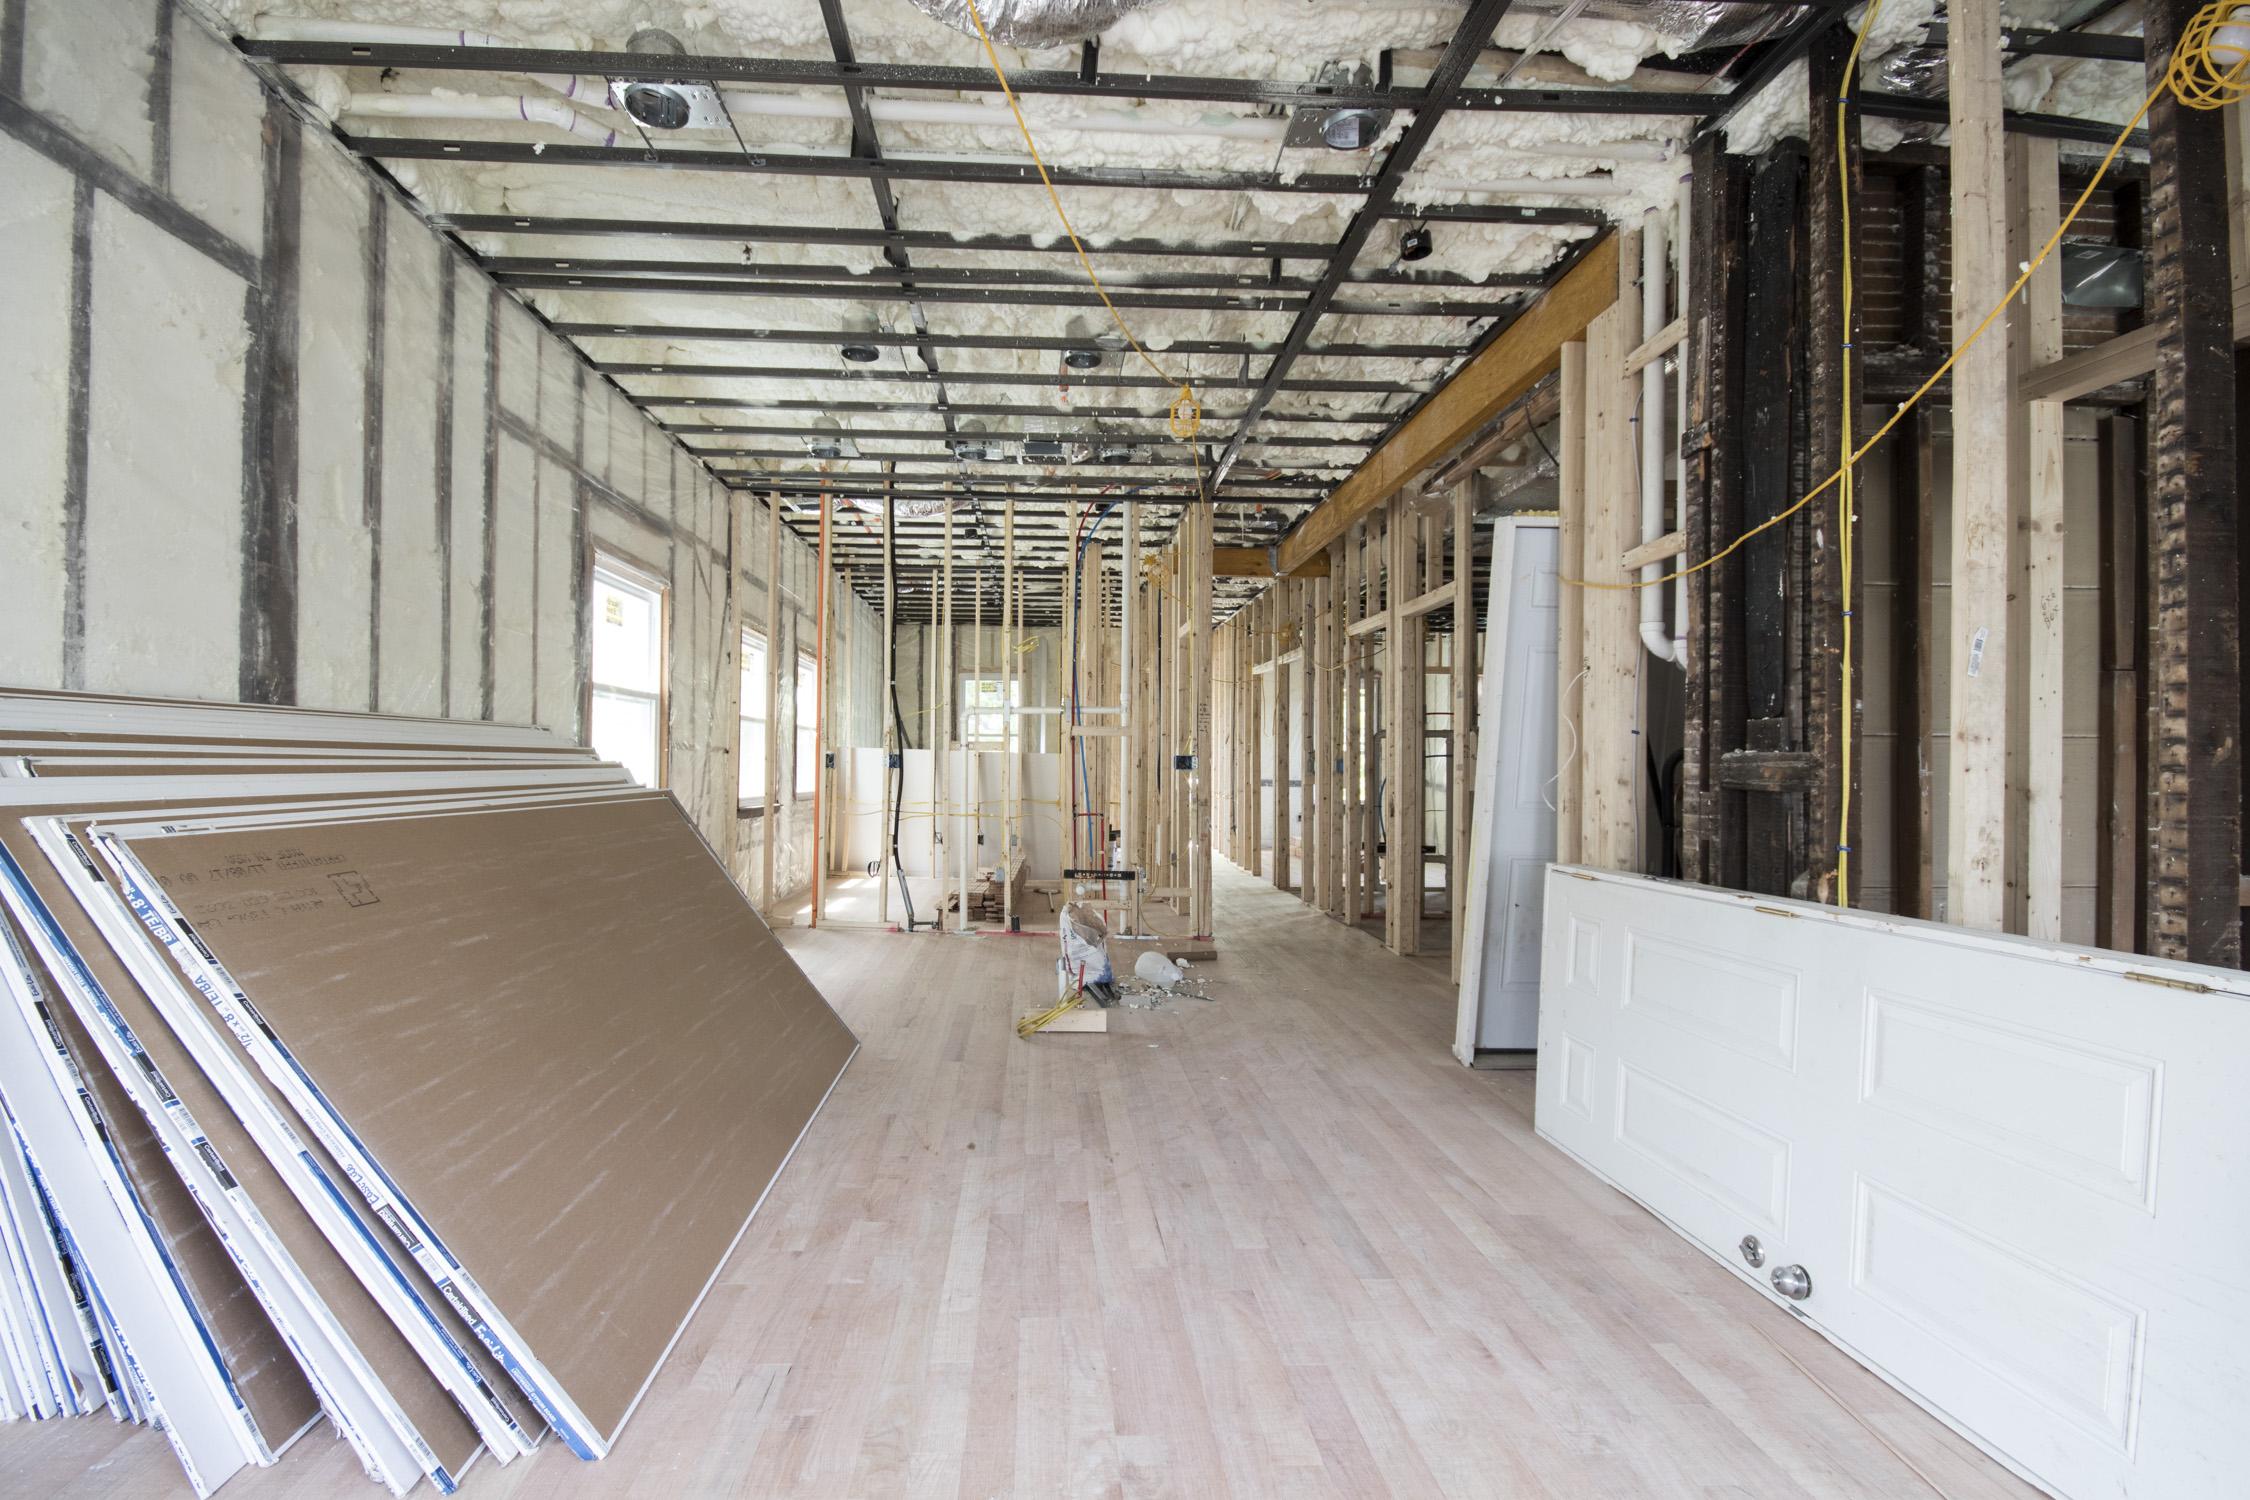 25 Darling Street Boston General Contractor P Northeast Contractors_129